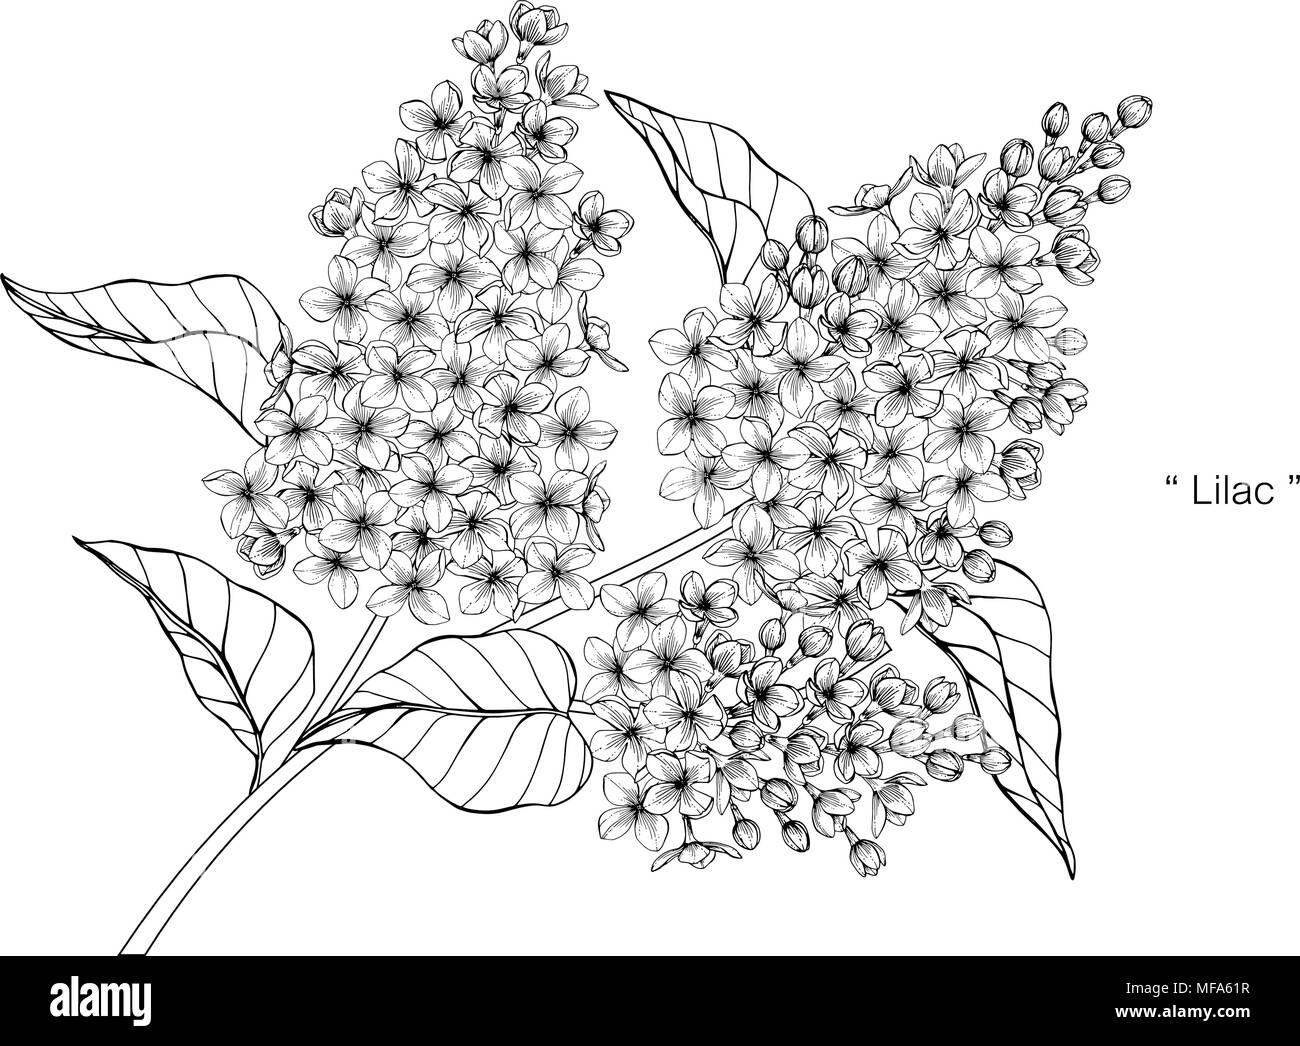 Dessin de fleurs lilas illustration noir et blanc avec - Dessin de lilas ...